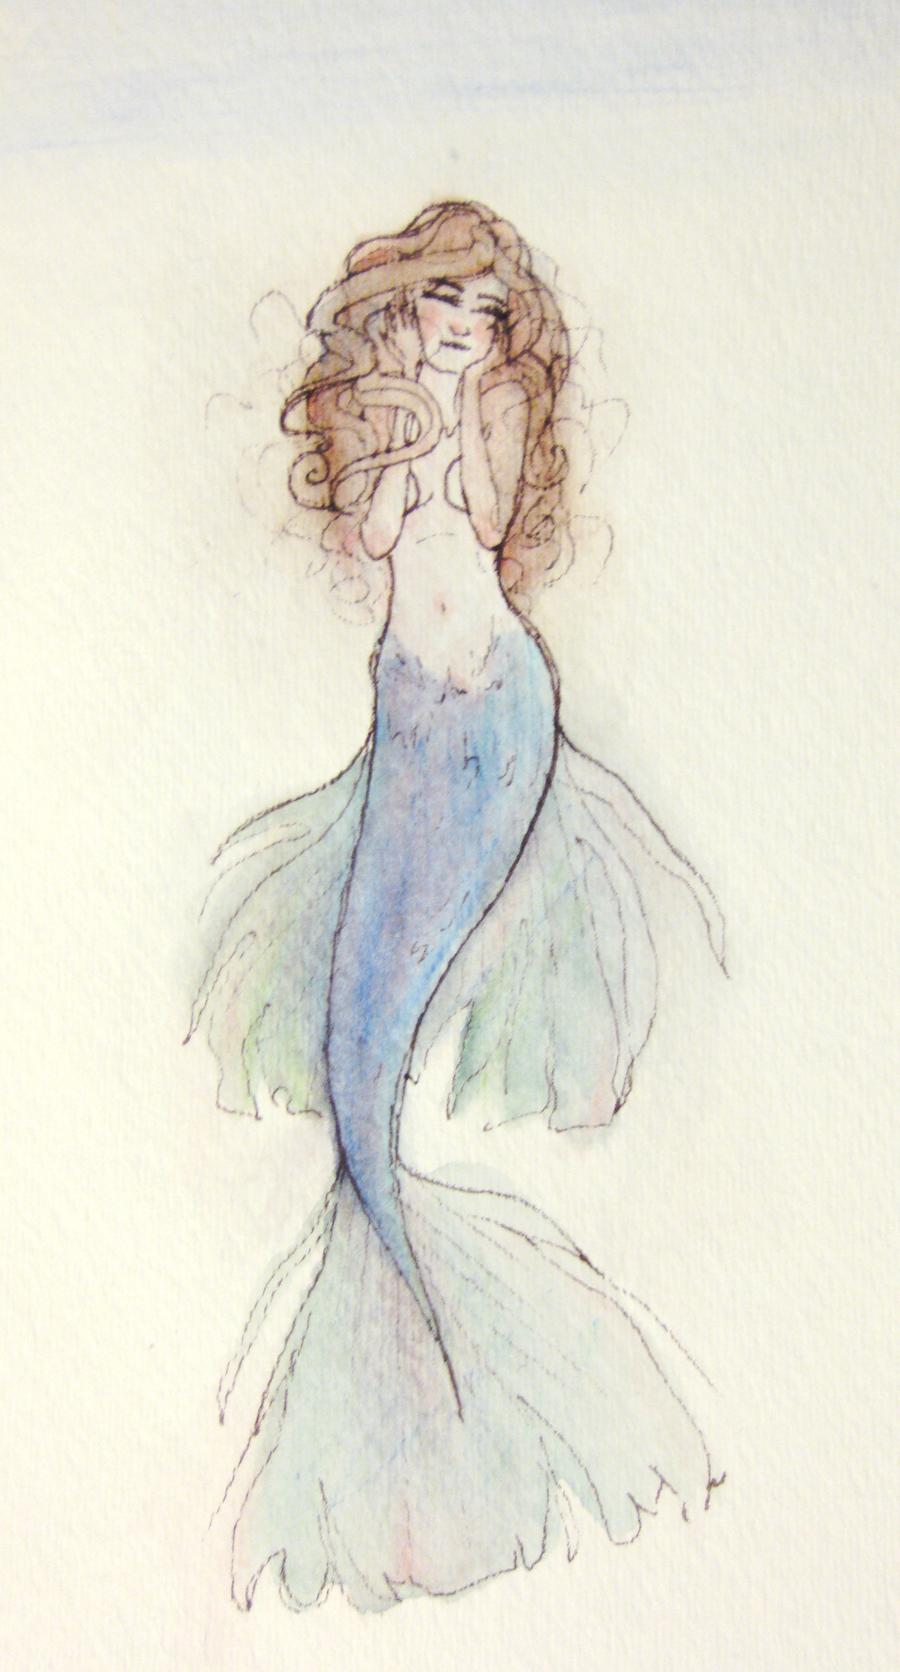 Watercolor Mermaid by Atlantistel on DeviantArt